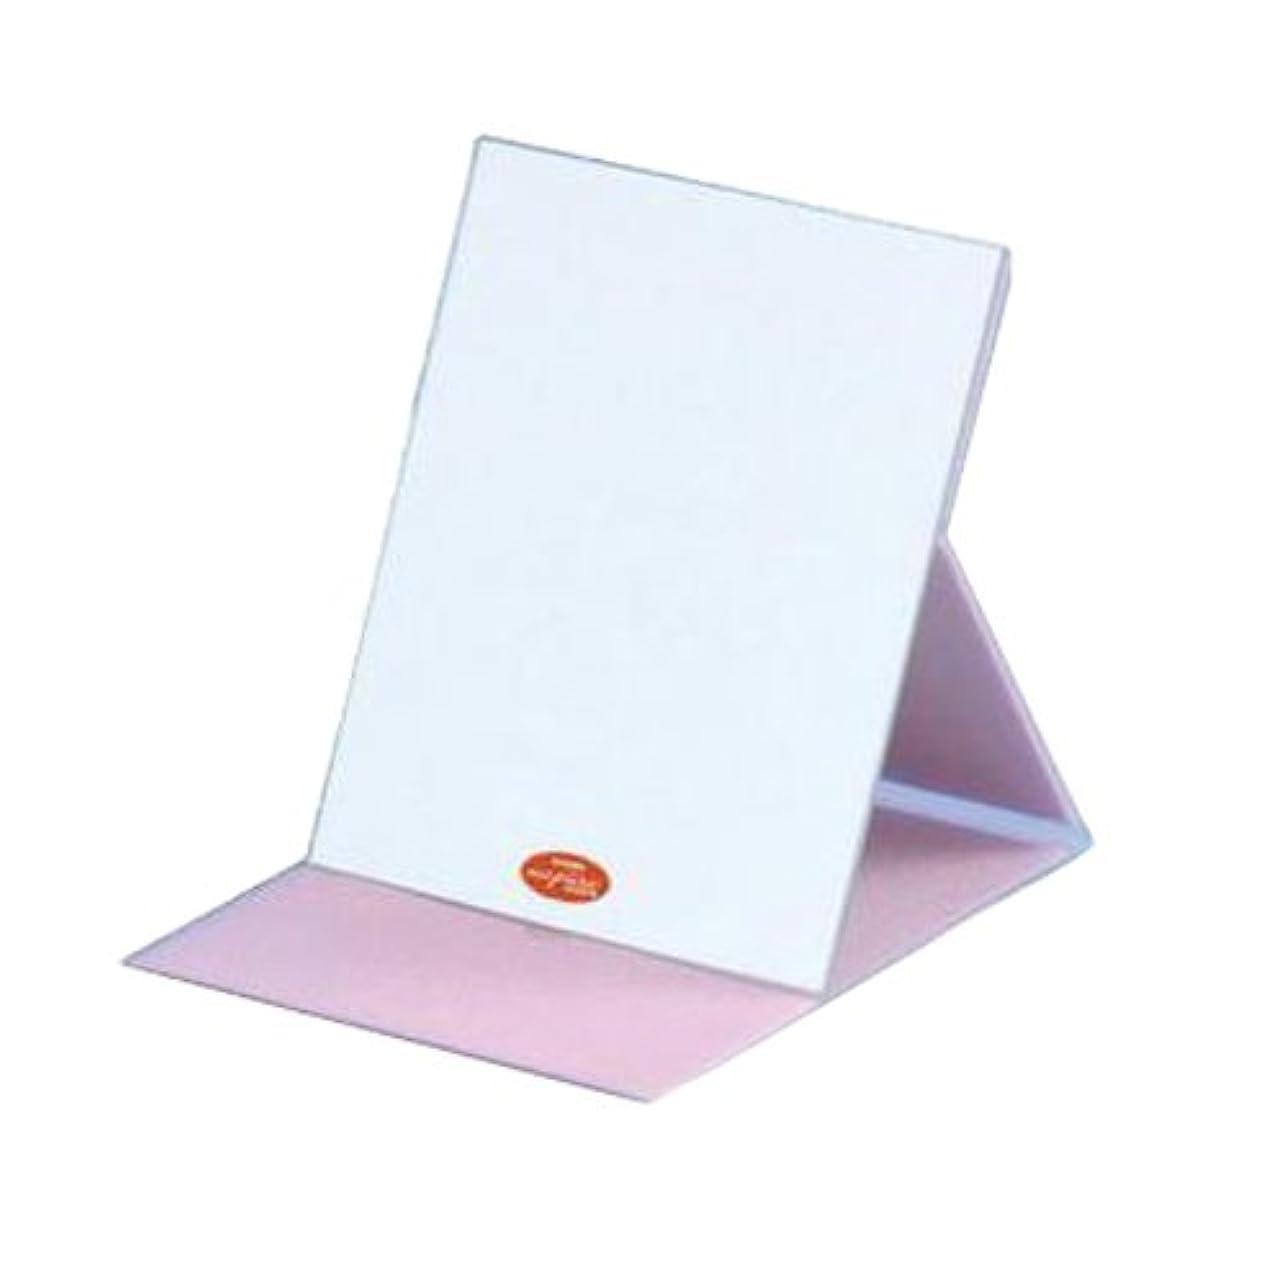 免疫タイトルこどもの日HP-41 ナピュアプロモデル カラーバージョン折立ミラーL ピンク